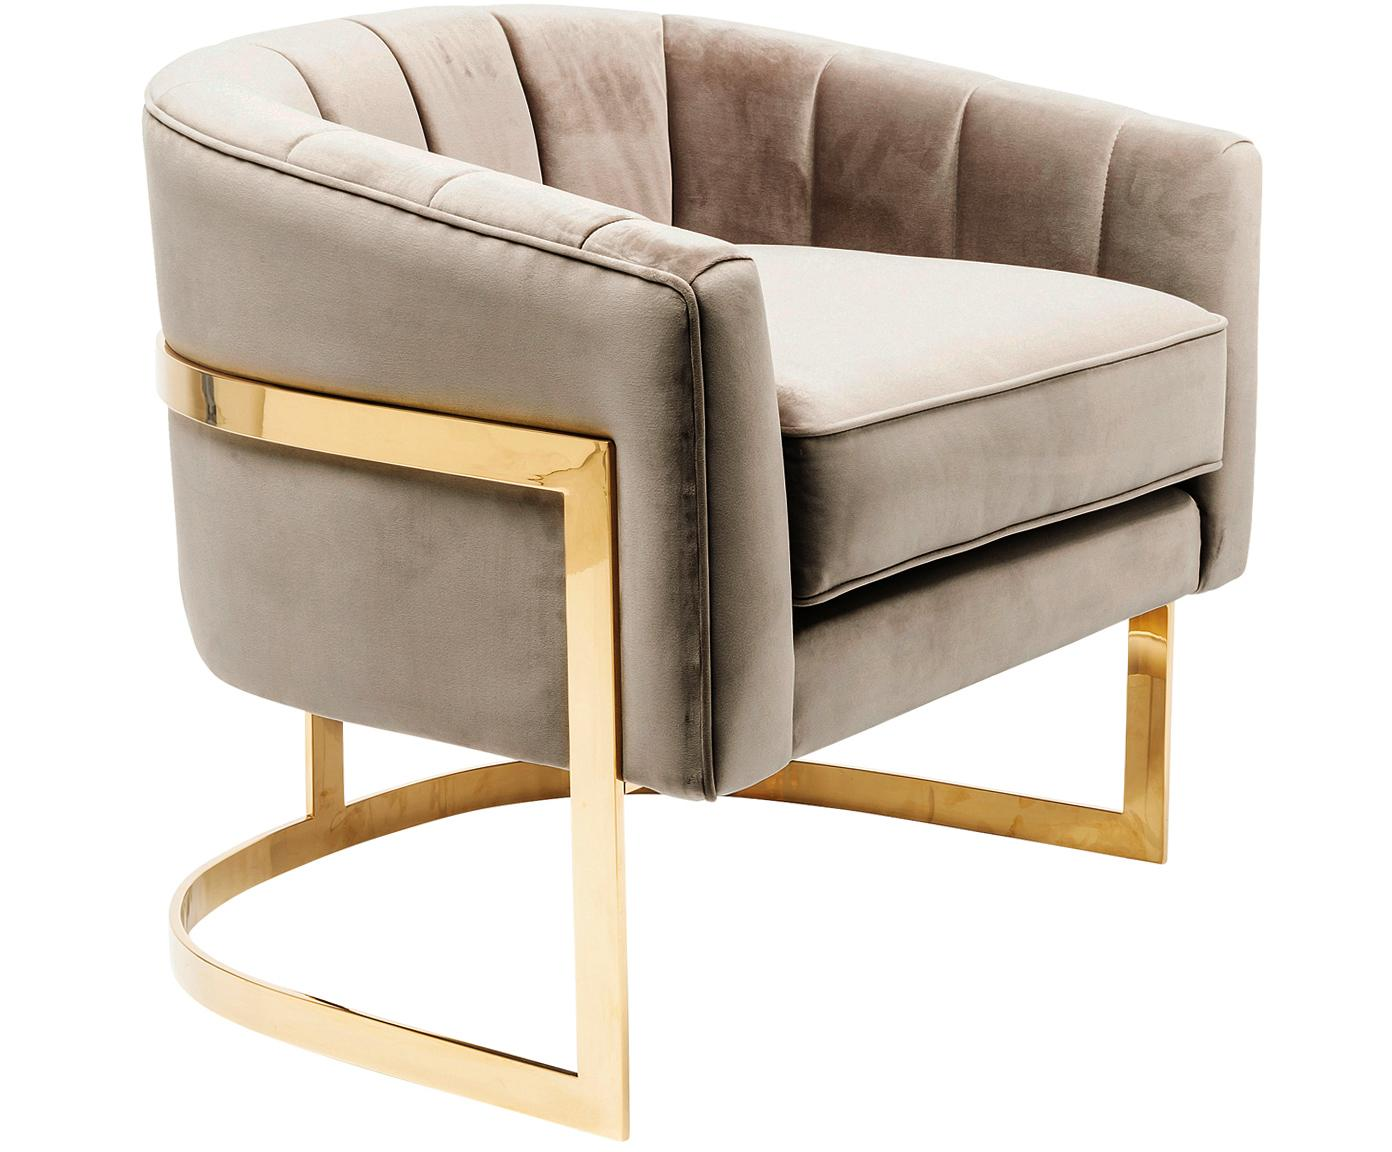 Sedia a poltrona in velluto Pure Elegance, Rivestimento: poliestere (velluto), Struttura: acciaio inossidabile, cro, Velluto greige, Larg. 77 x Prof. 70 cm